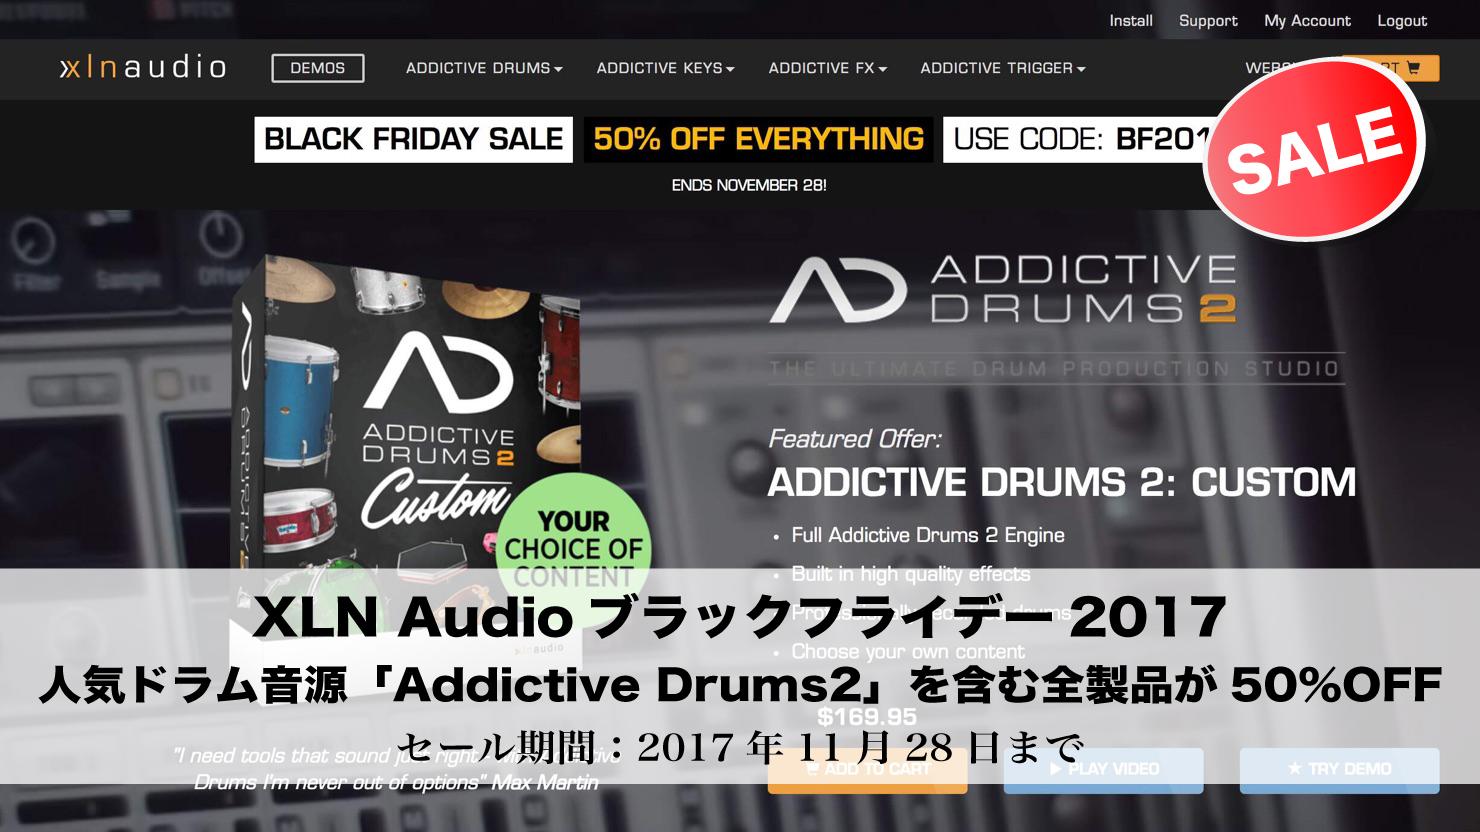 【今だけ半額】XLN Audio ブラックフライデー2017「Addictive Drums2」を含む全製品が50%OFF